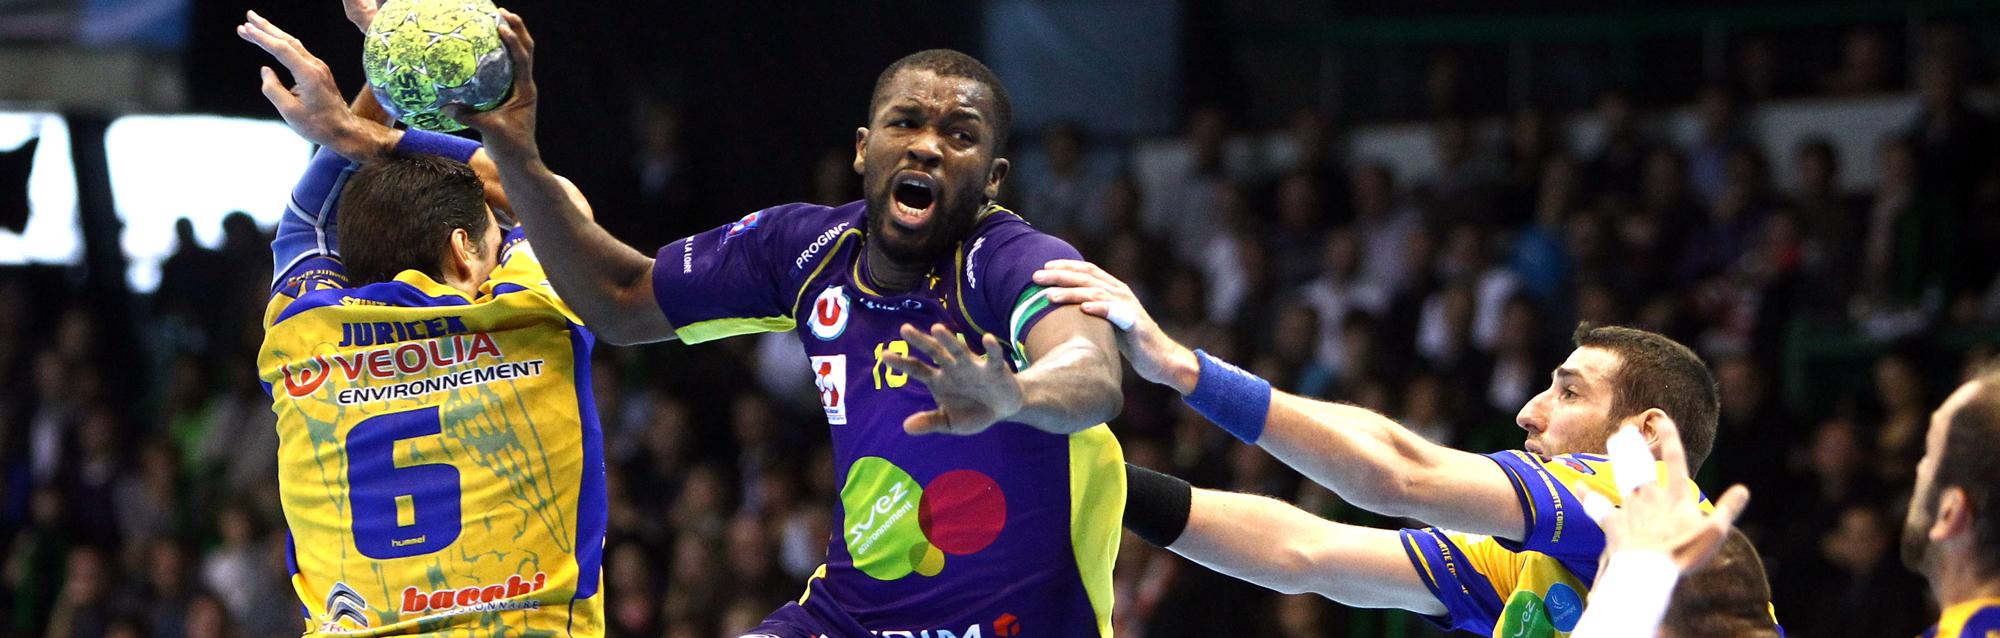 Rock Feliho contre Saint-Raphaël lors de la saison 2011-2012